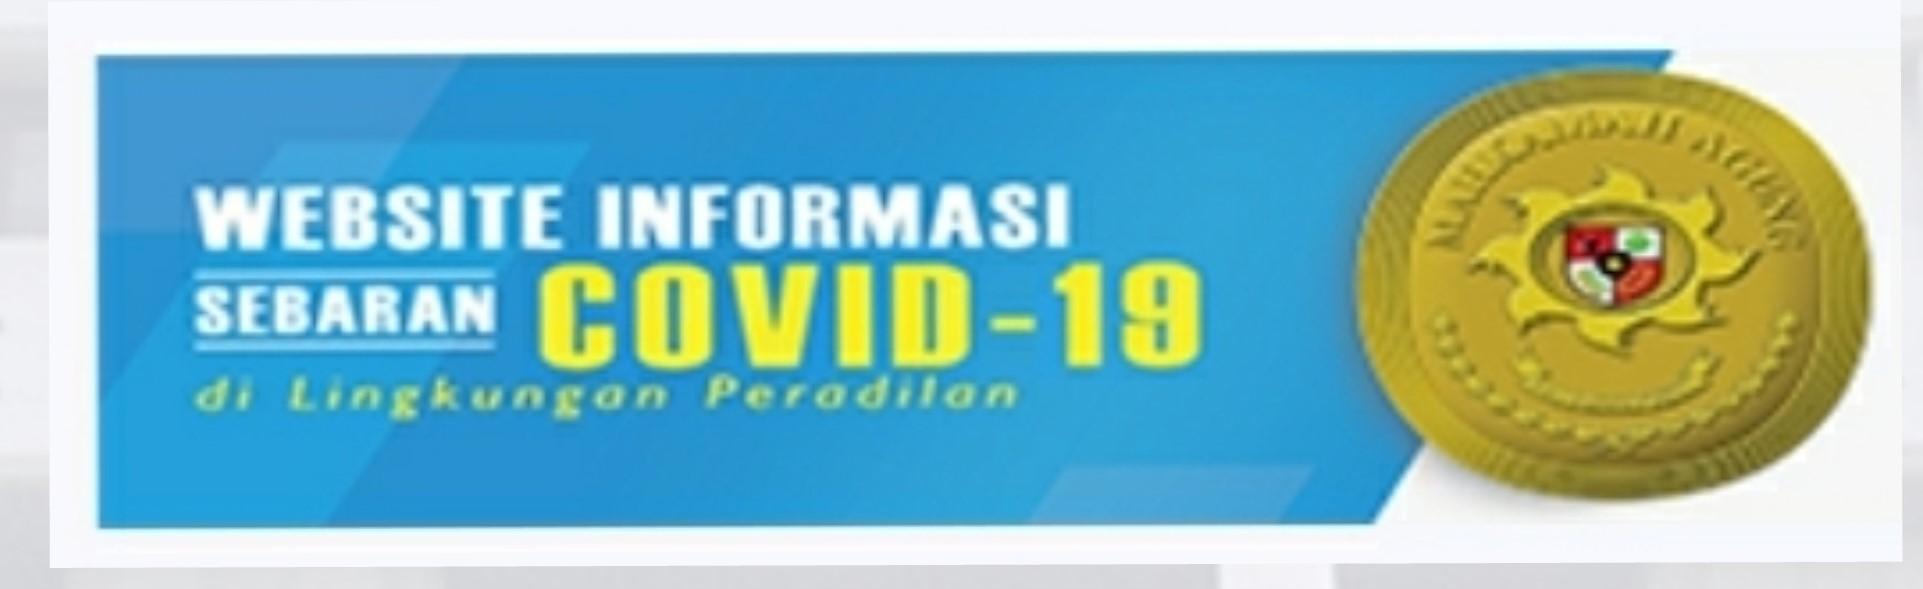 Informasi Sebaran Covid-19